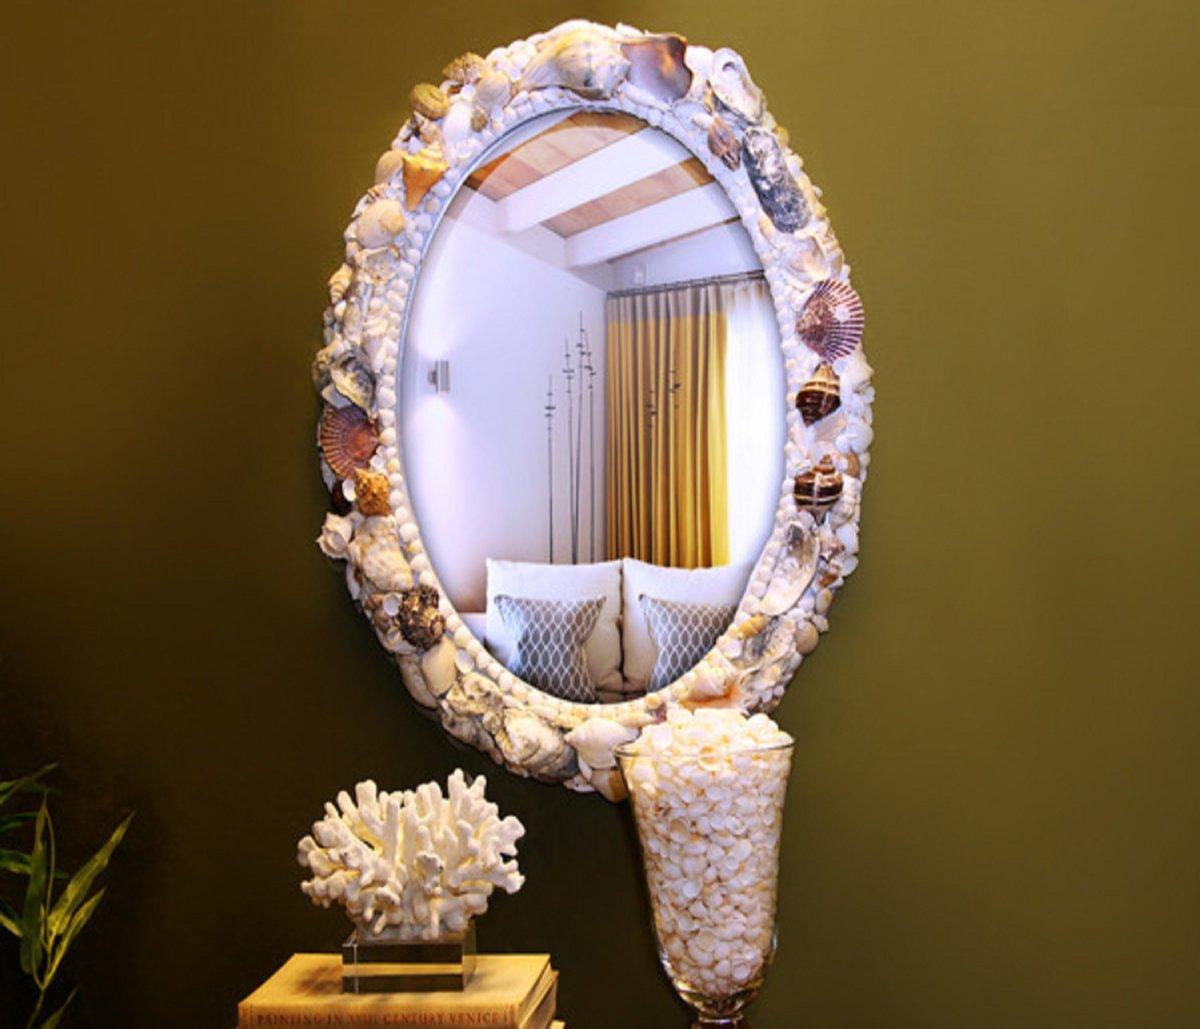 как можно оформить зеркало своими руками фото качества воды, характеризующий